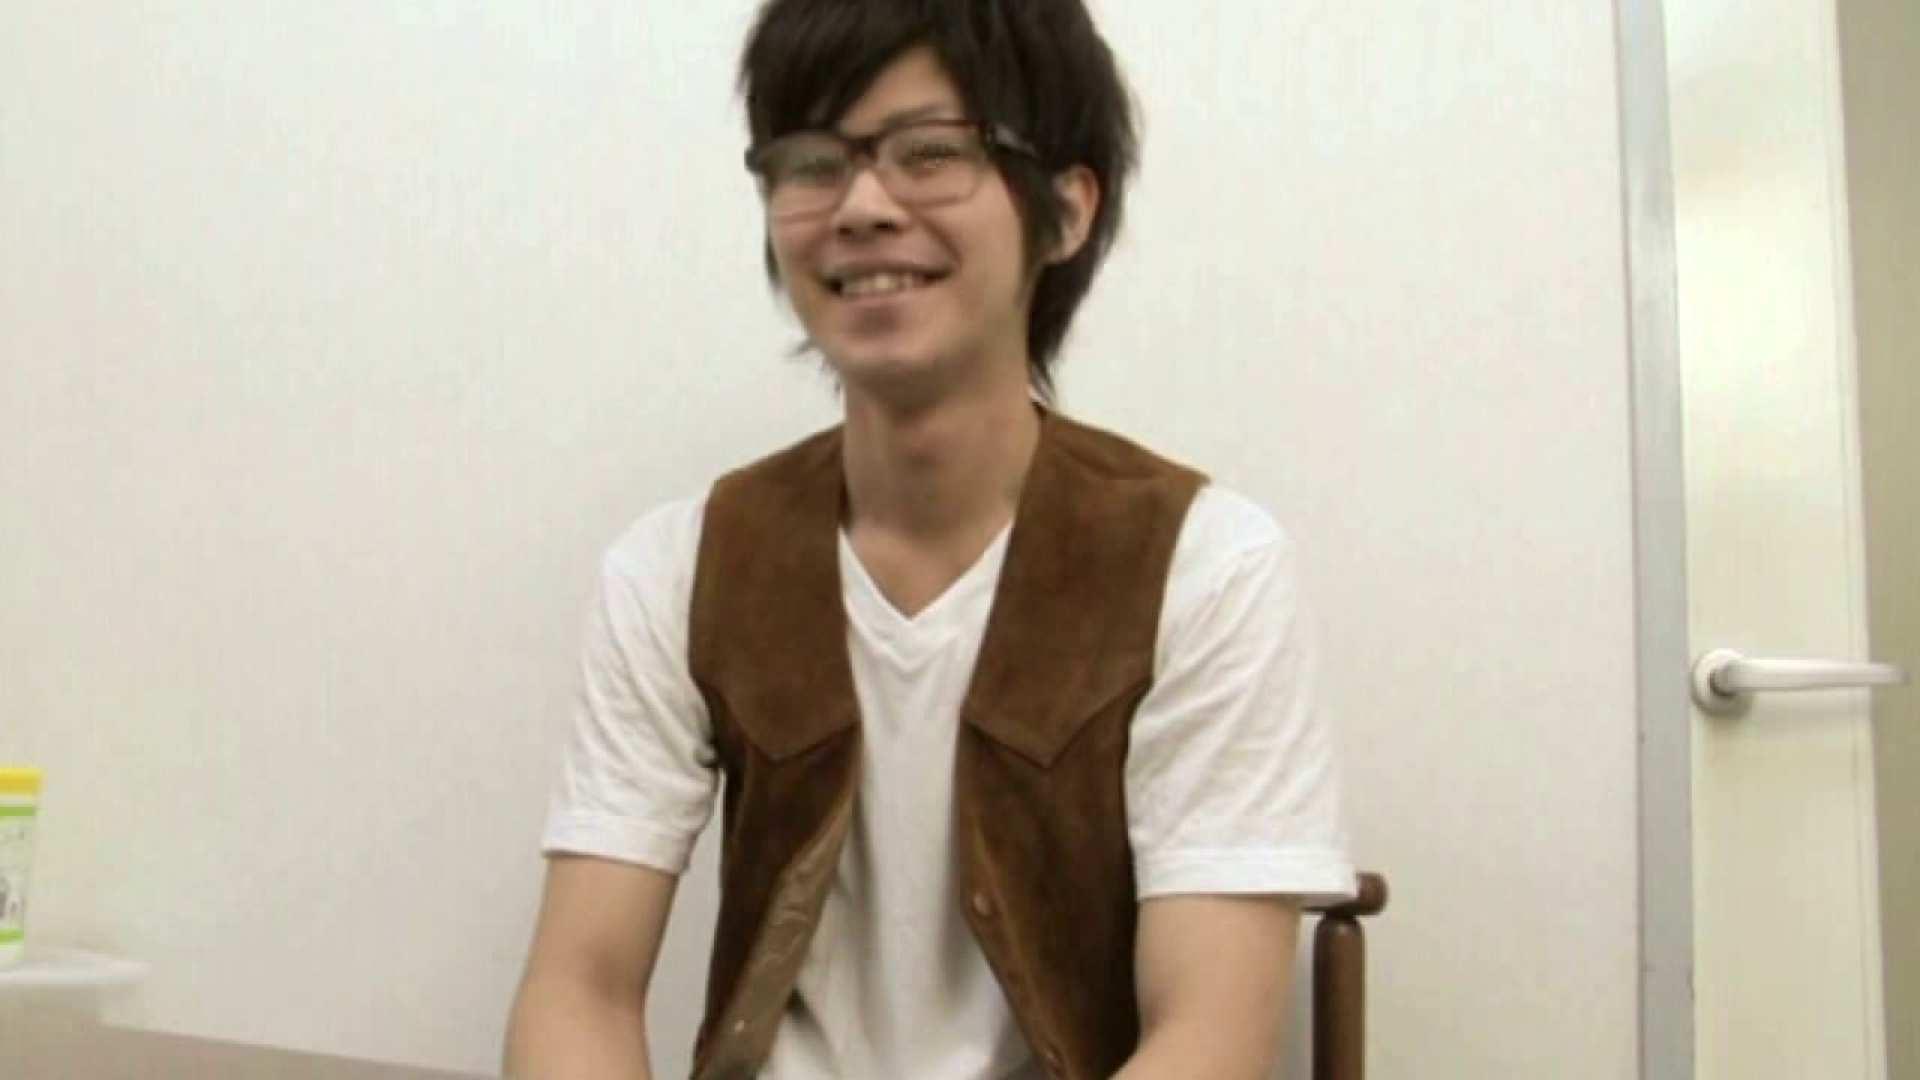 ノンケ!自慰スタジオ No.02 ゲイのオナニー映像 ゲイ無修正動画画像 59枚 17